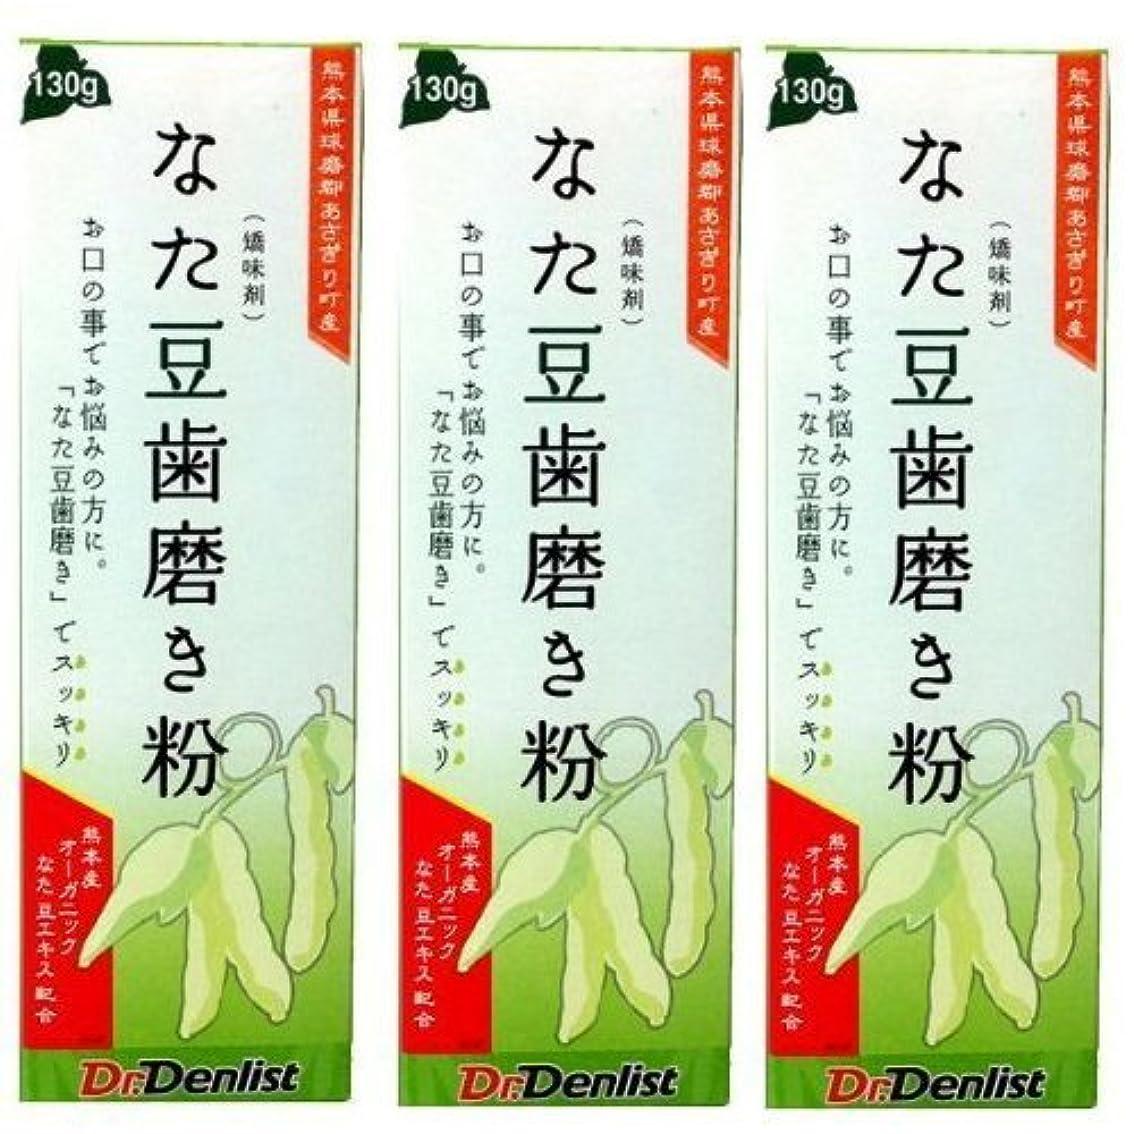 どれかエントリ合法なた豆歯磨き粉 国産 130g ?3本セット?熊本県球磨郡あさぎり町産